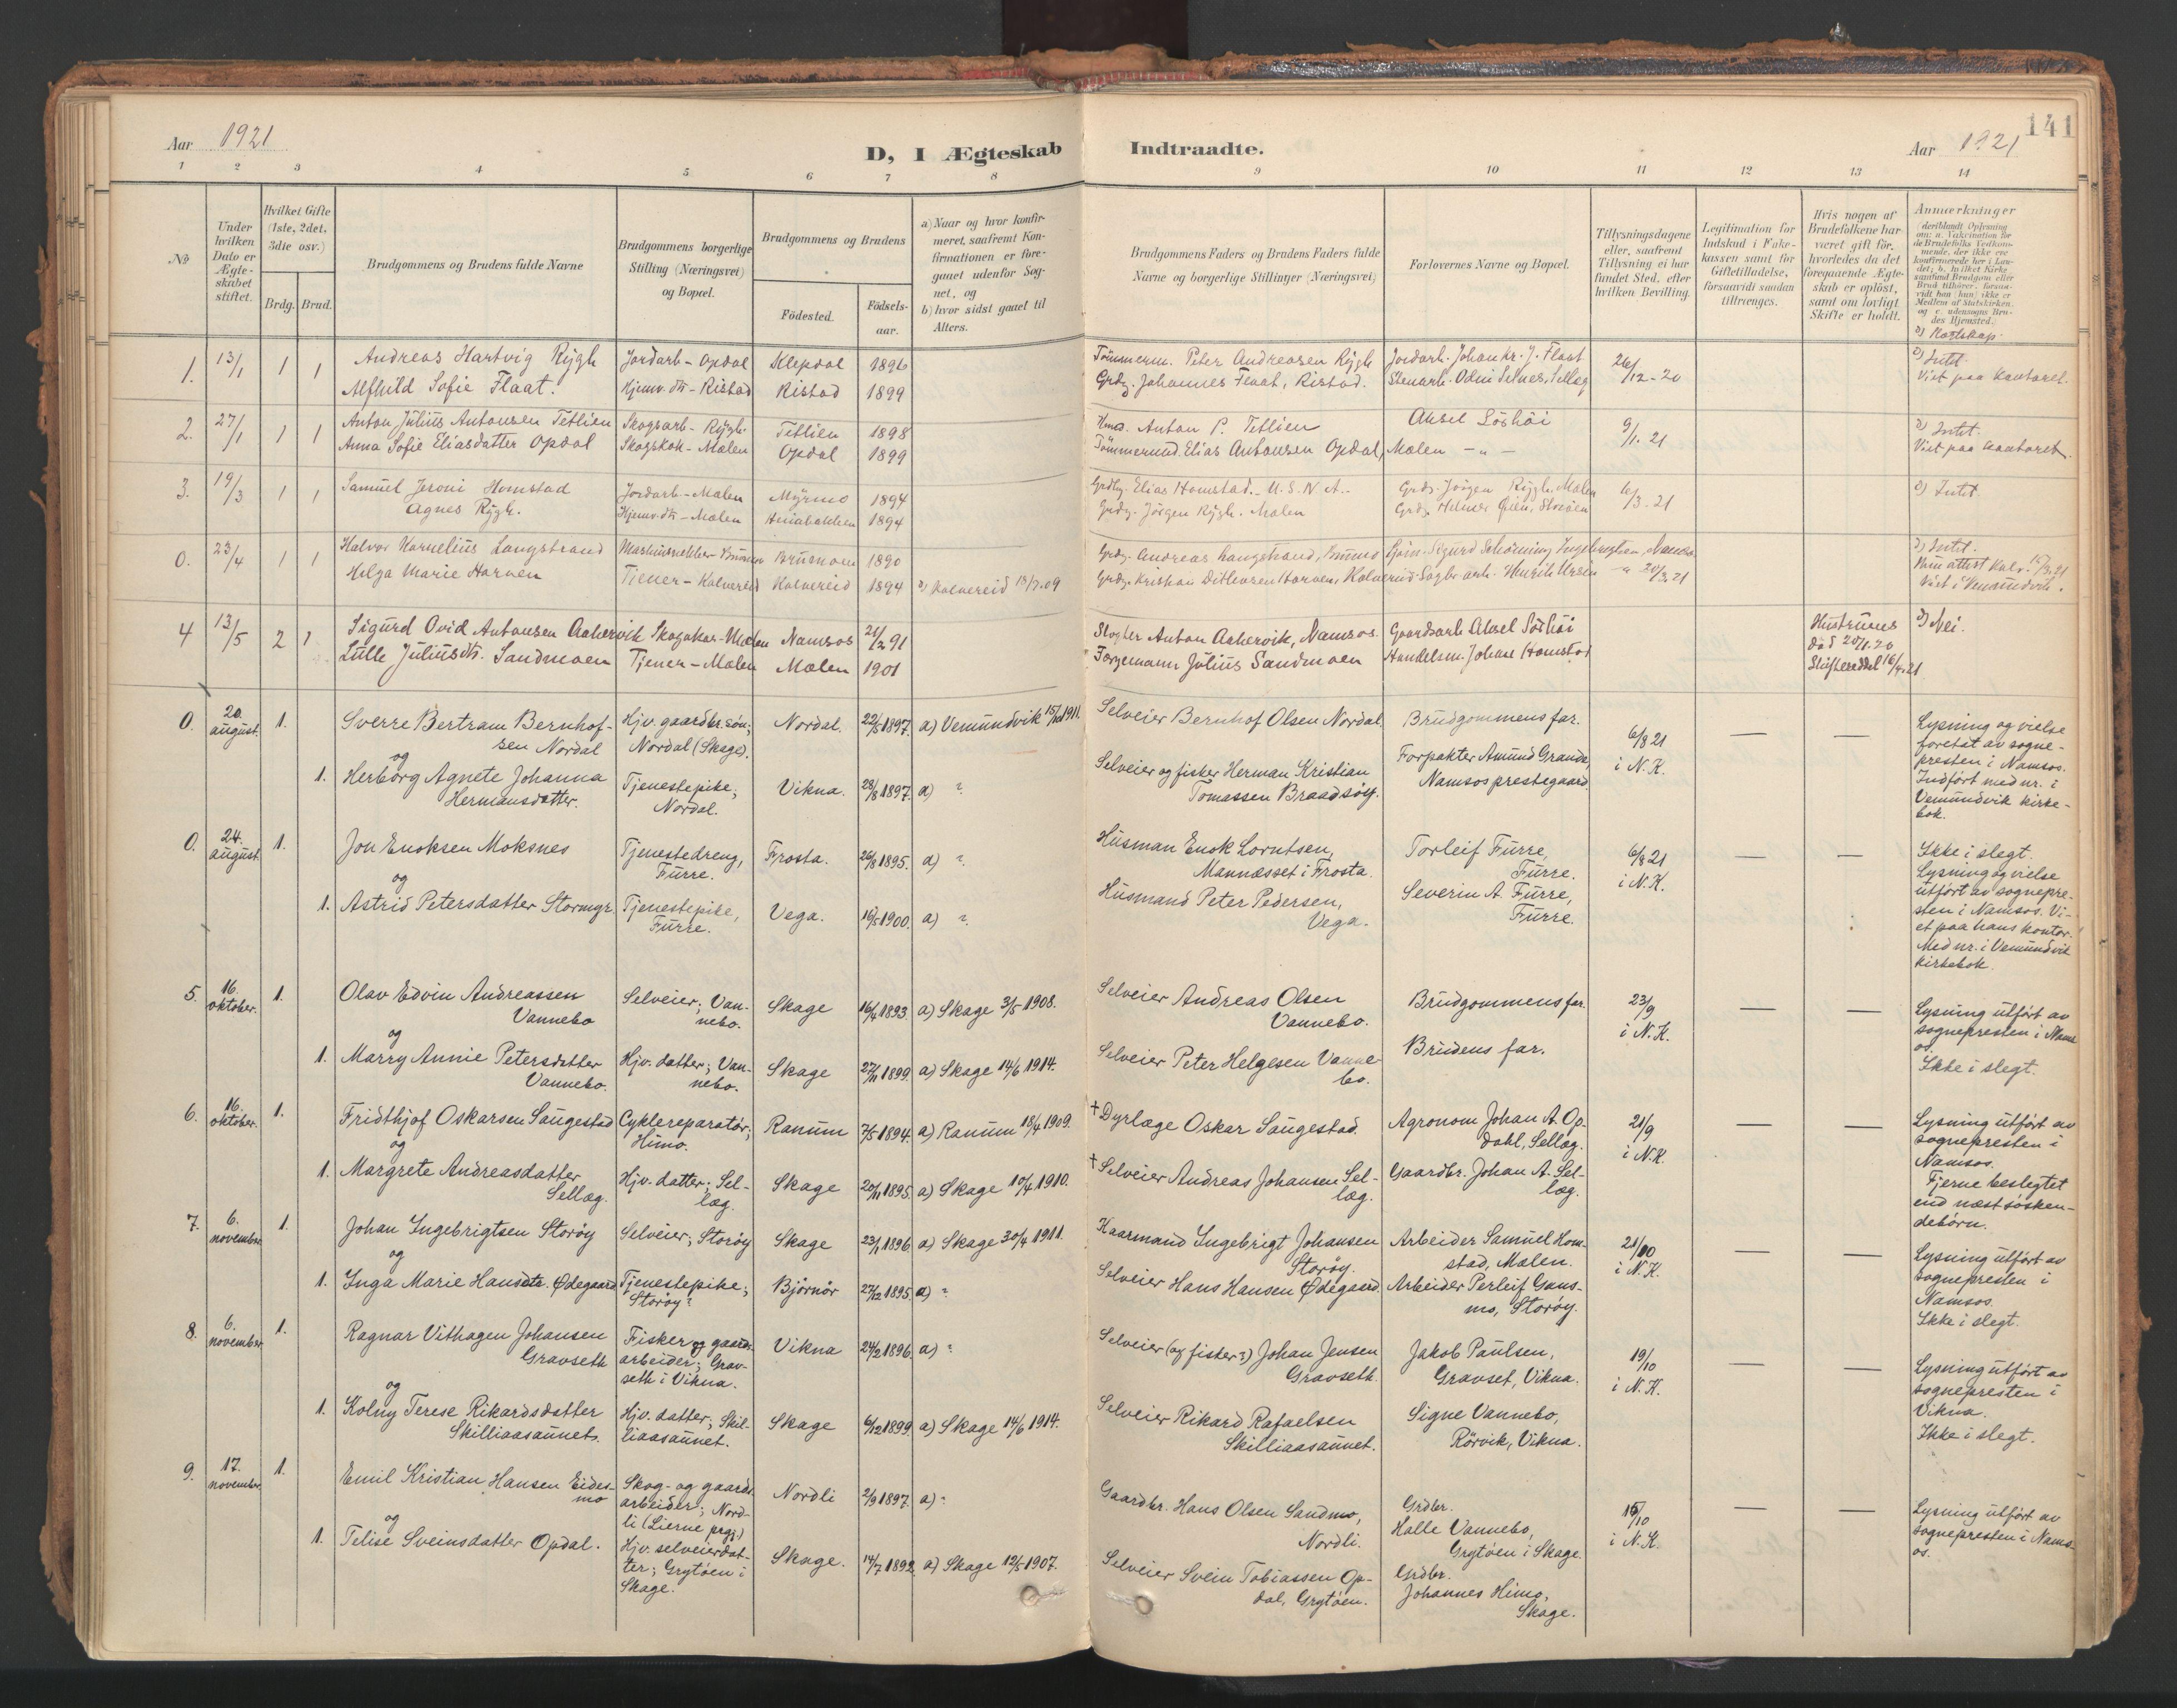 SAT, Ministerialprotokoller, klokkerbøker og fødselsregistre - Nord-Trøndelag, 766/L0564: Ministerialbok nr. 767A02, 1900-1932, s. 141